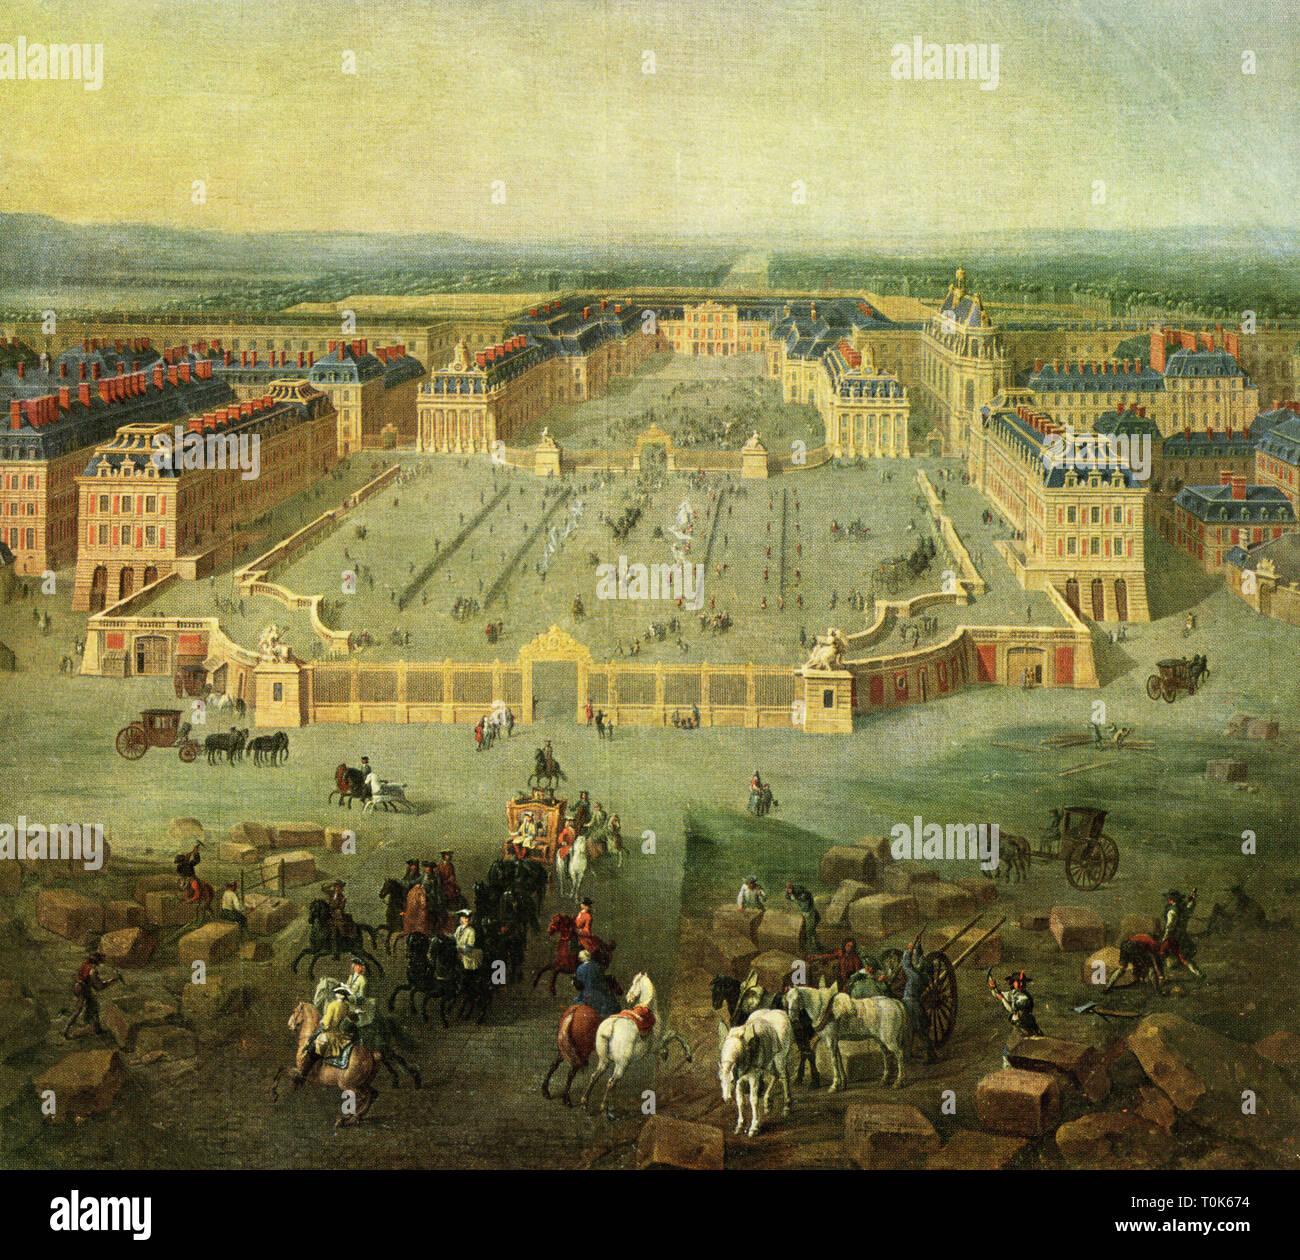 Geographie/reisen, Frankreich, Burgen, Versailles, Übersicht, drucken Sie nach dem Lackieren von Pierre Denis Martin, 1722, Artist's Urheberrecht nicht geklärt zu werden. Stockbild